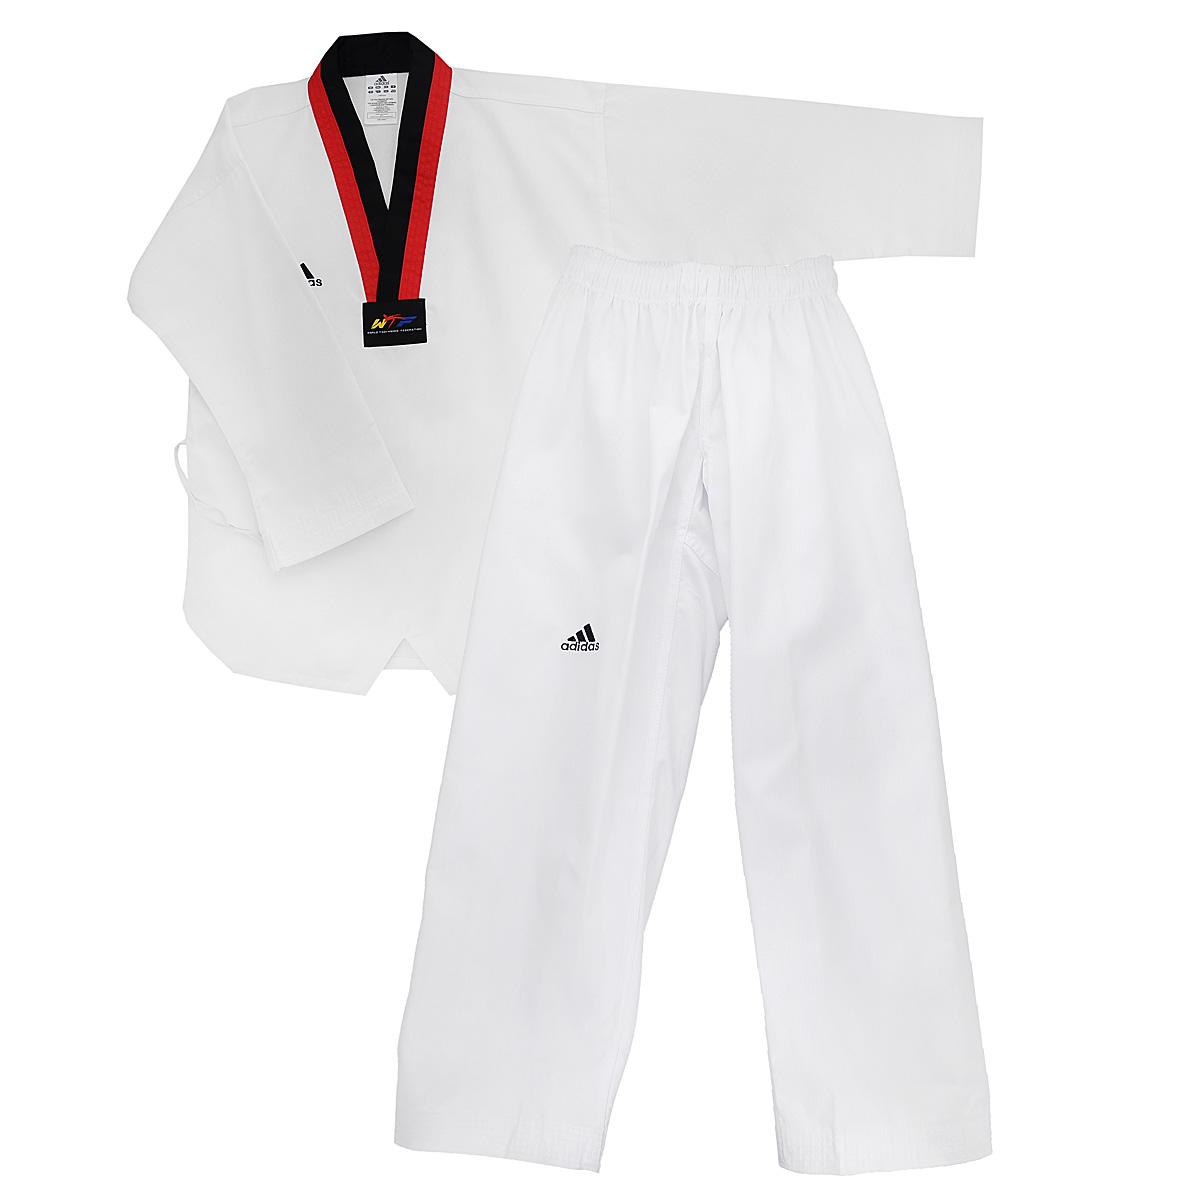 Кимоно для таэквондо Adidas adiTS01-WH/RD-BK